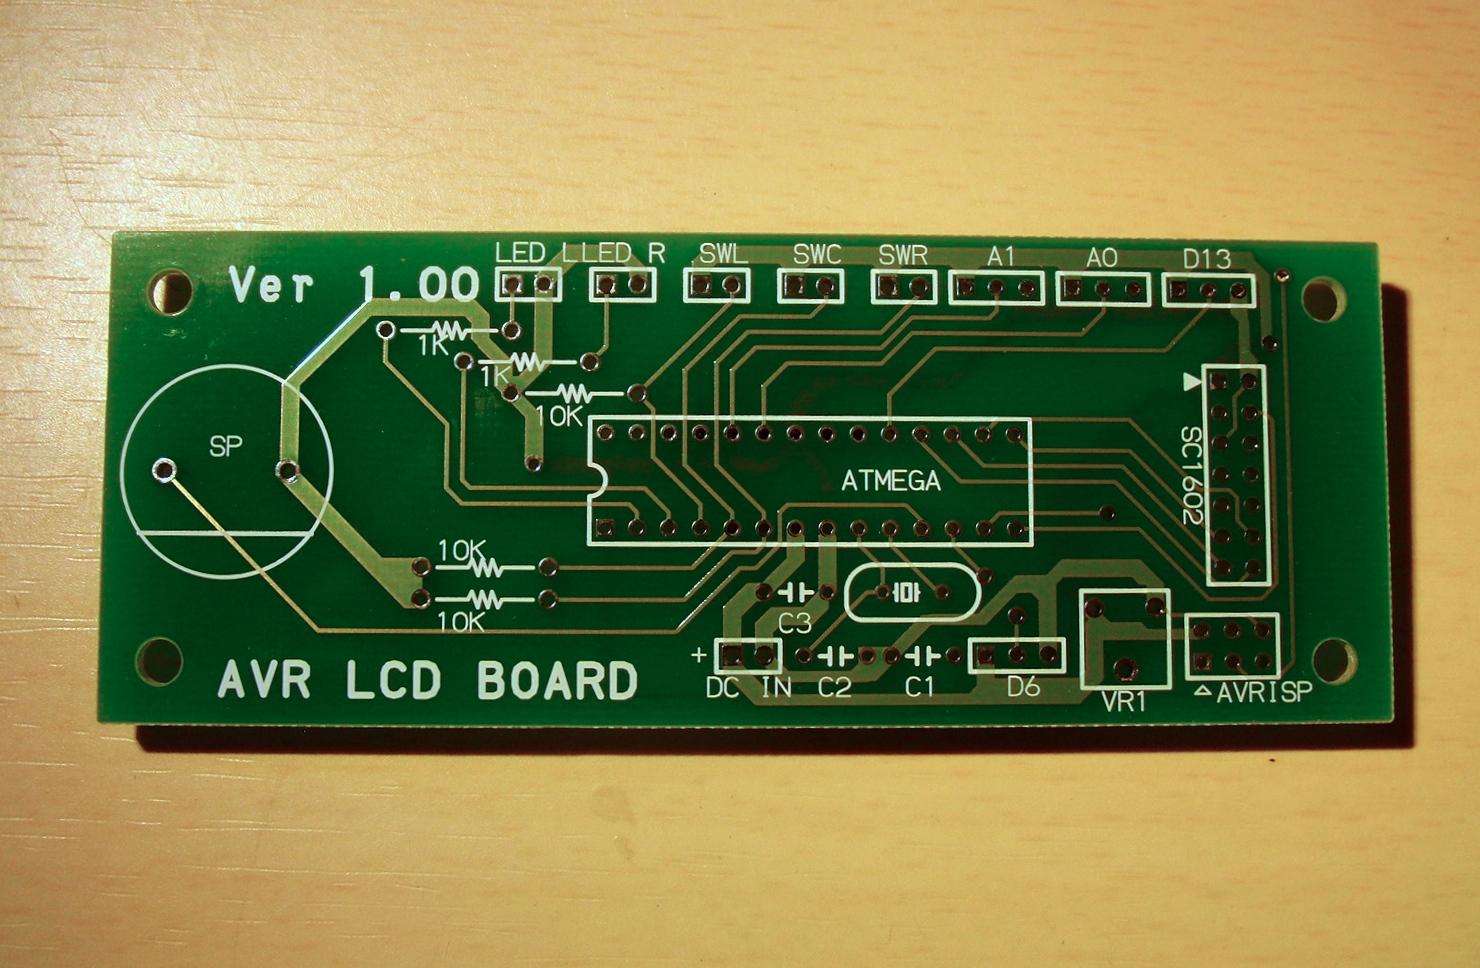 AVR I/O Board